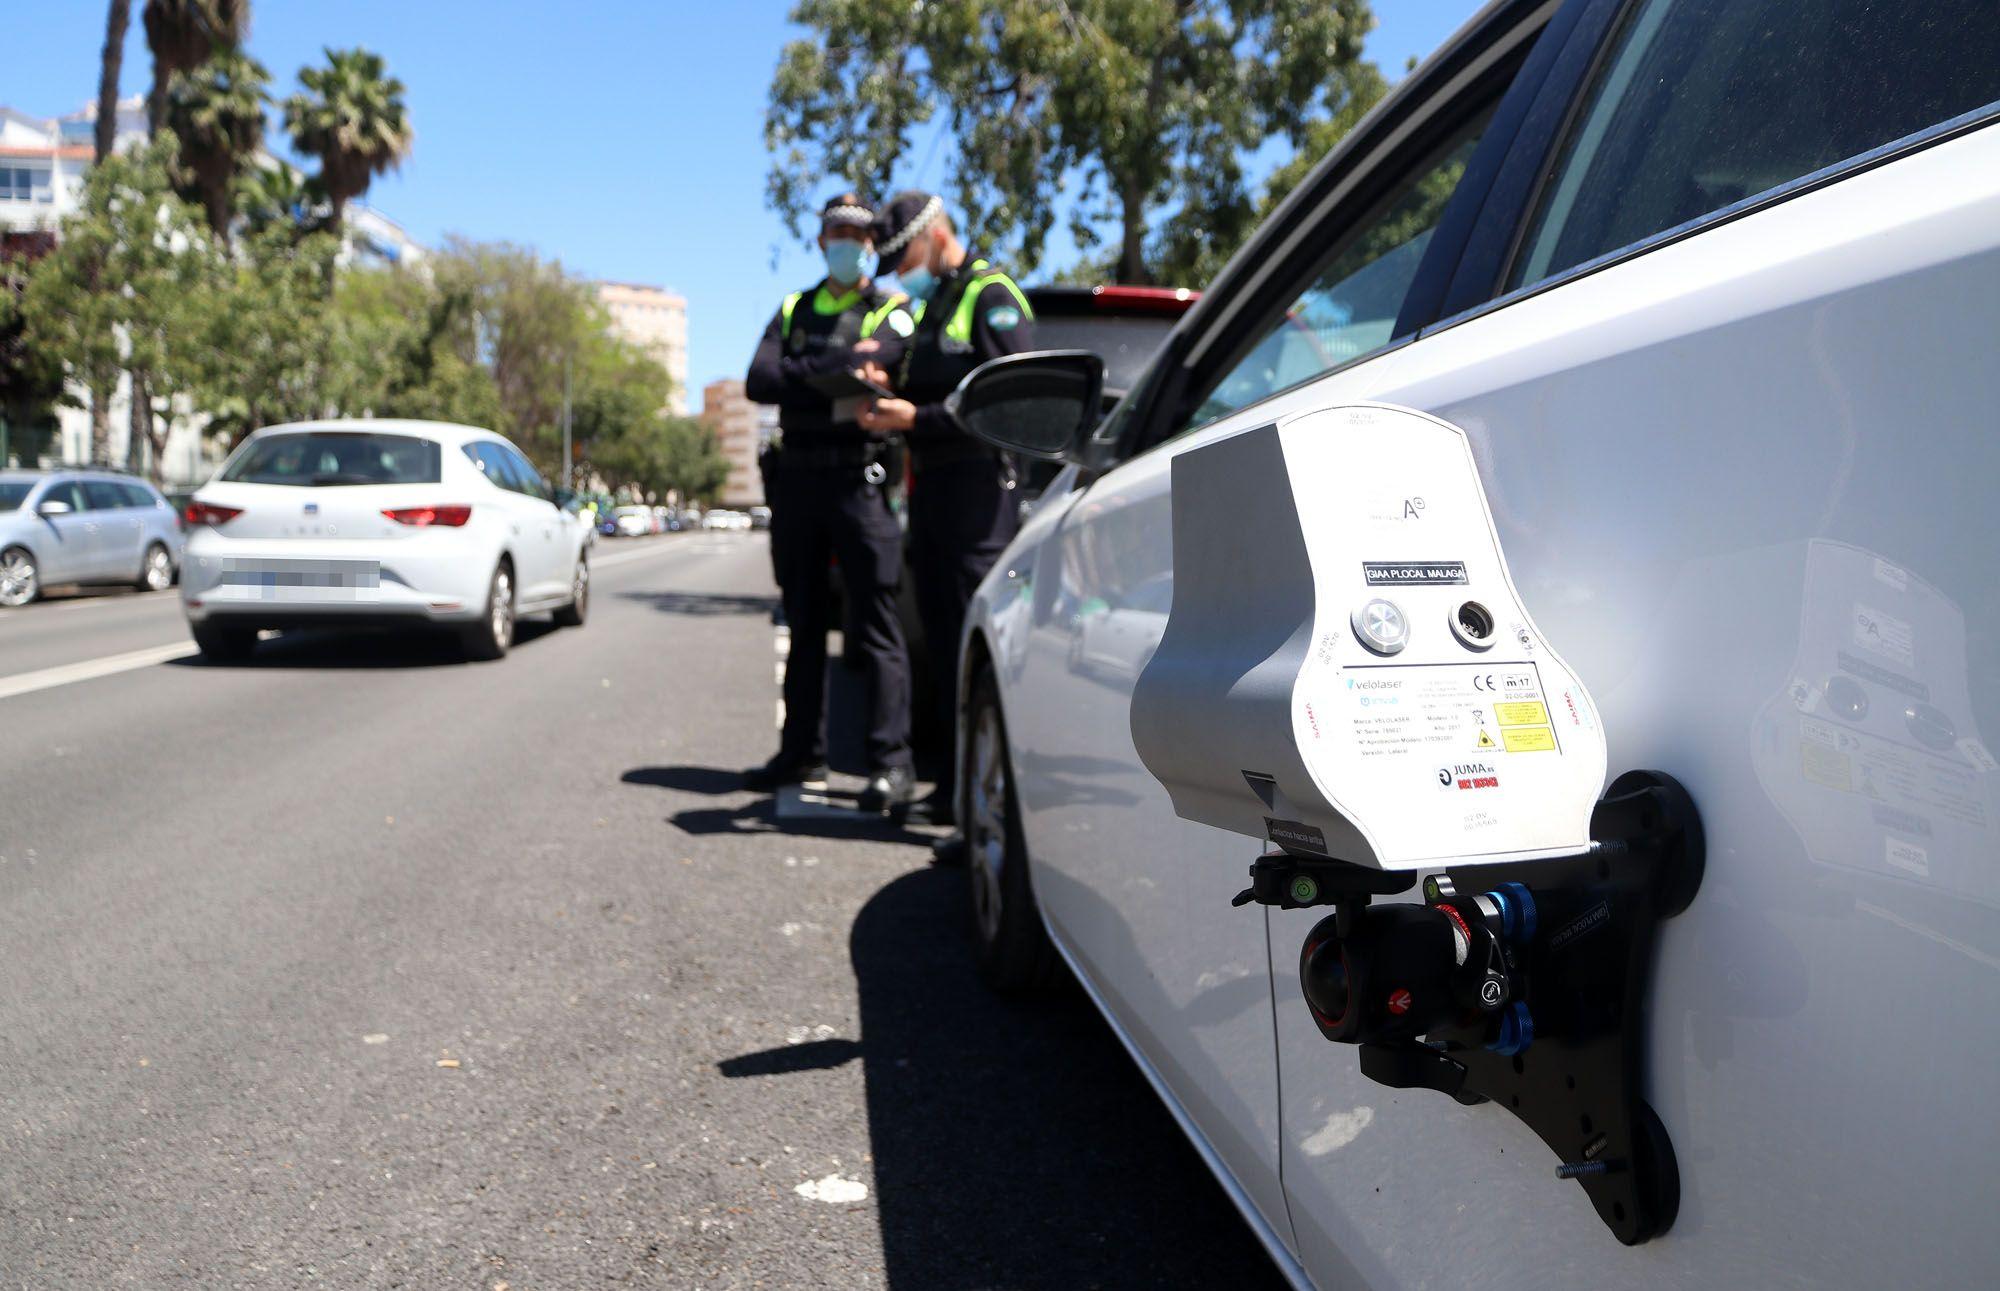 Imagen de las calles de Málaga tras entrar en vigor los nuevos límites de velocidad de 30km/h